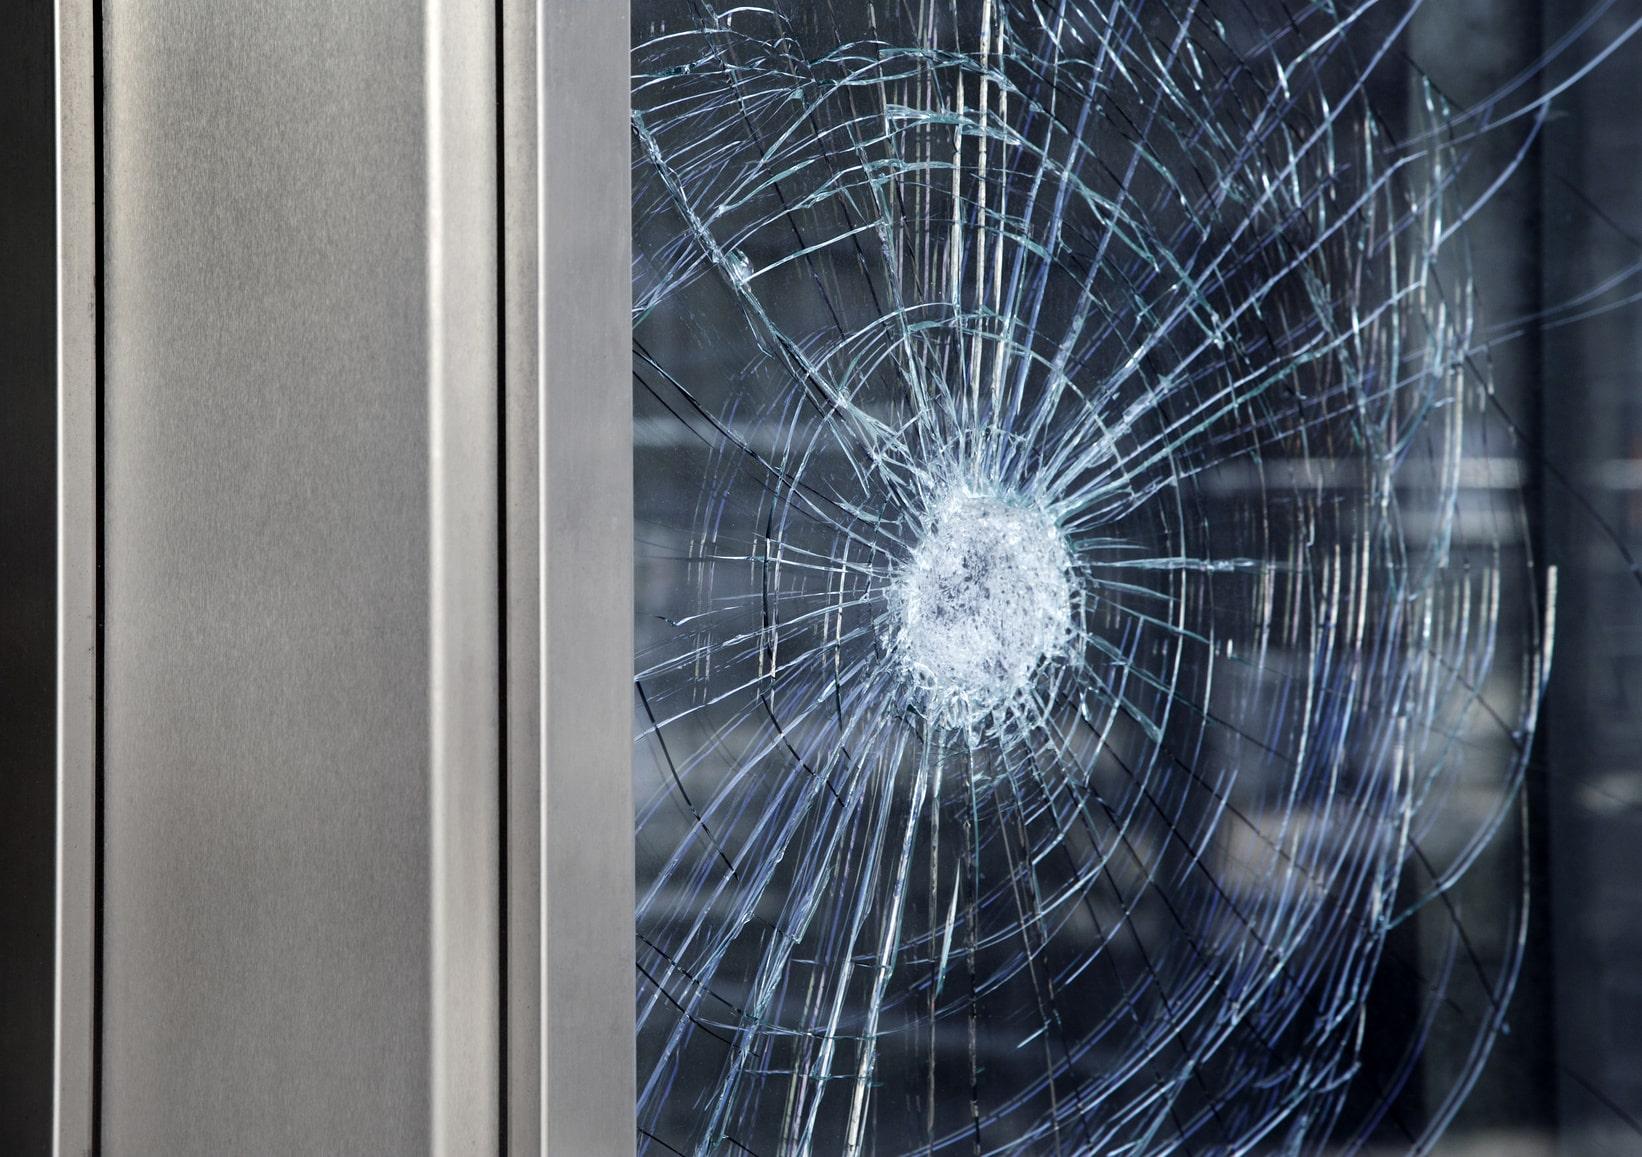 La vitre de fenêtre brisée d'uné residence